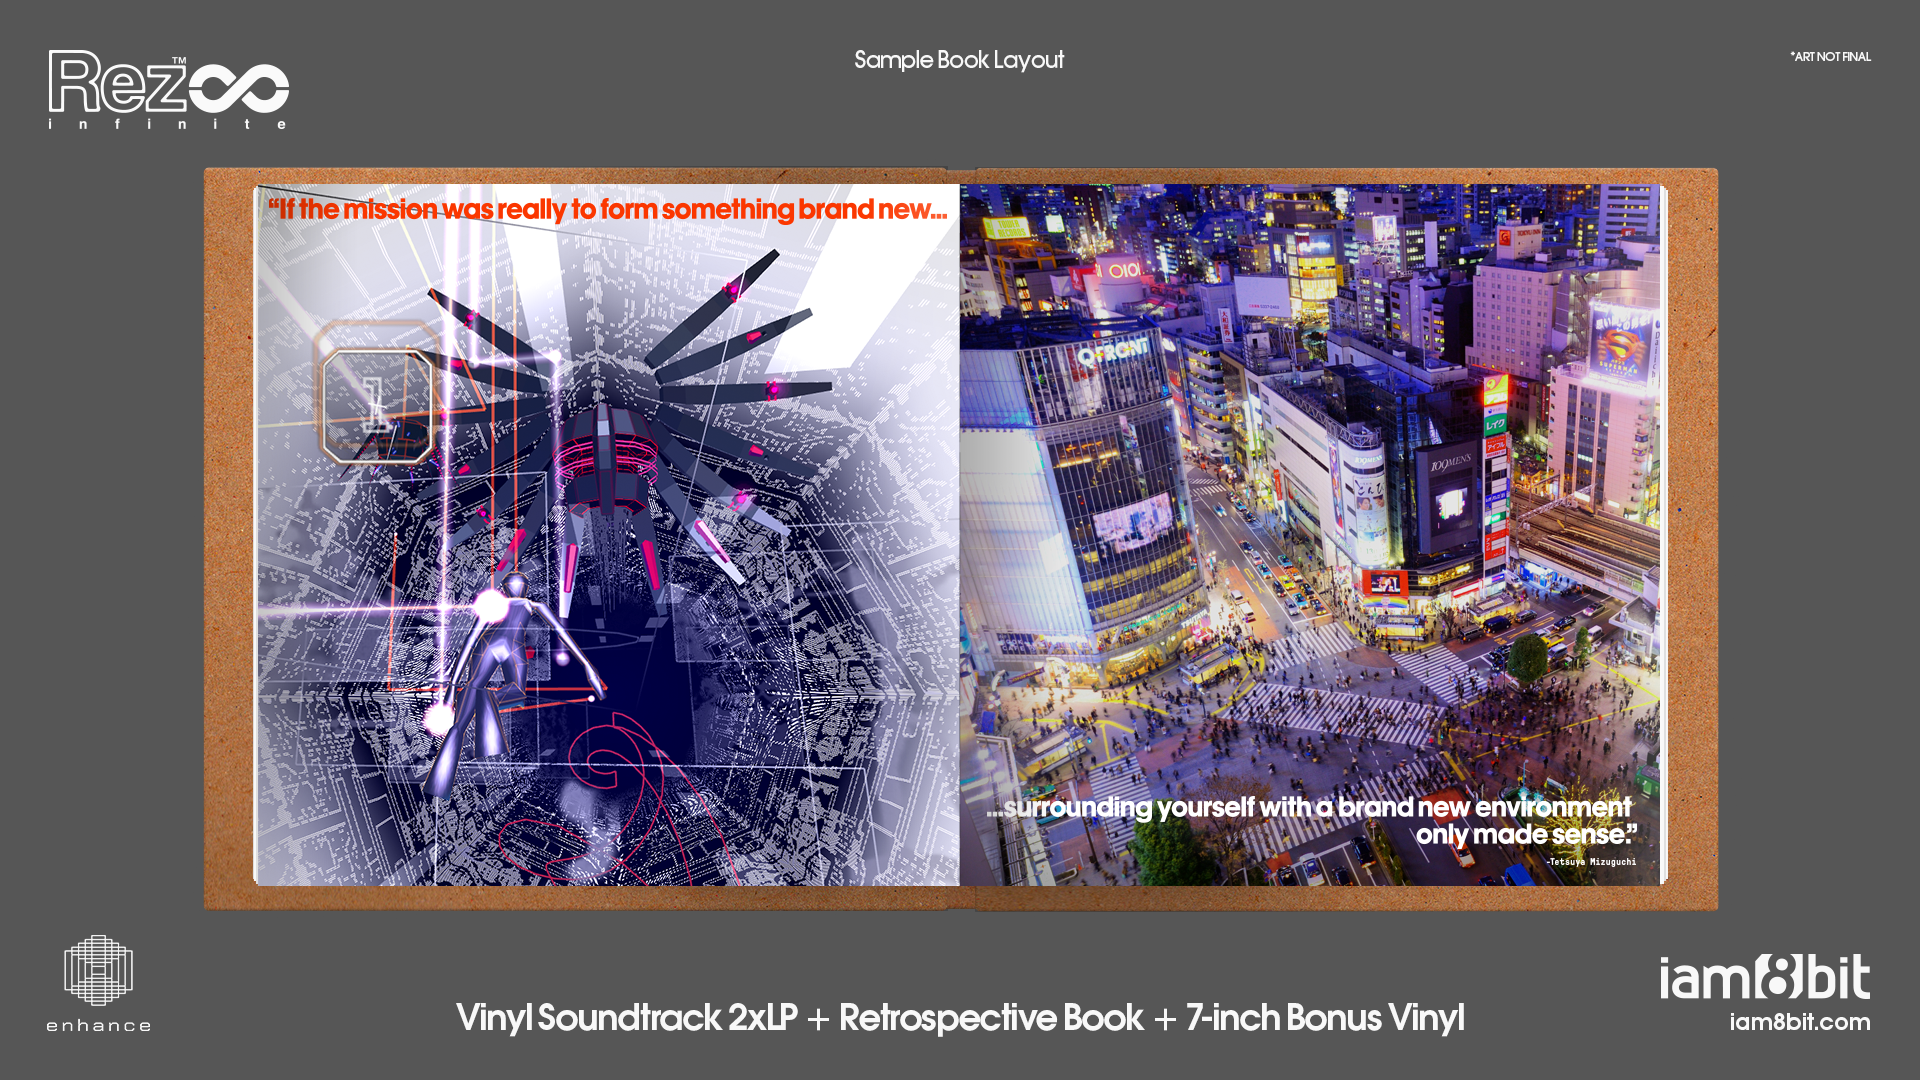 Rez Infinite - Artbook Mockup